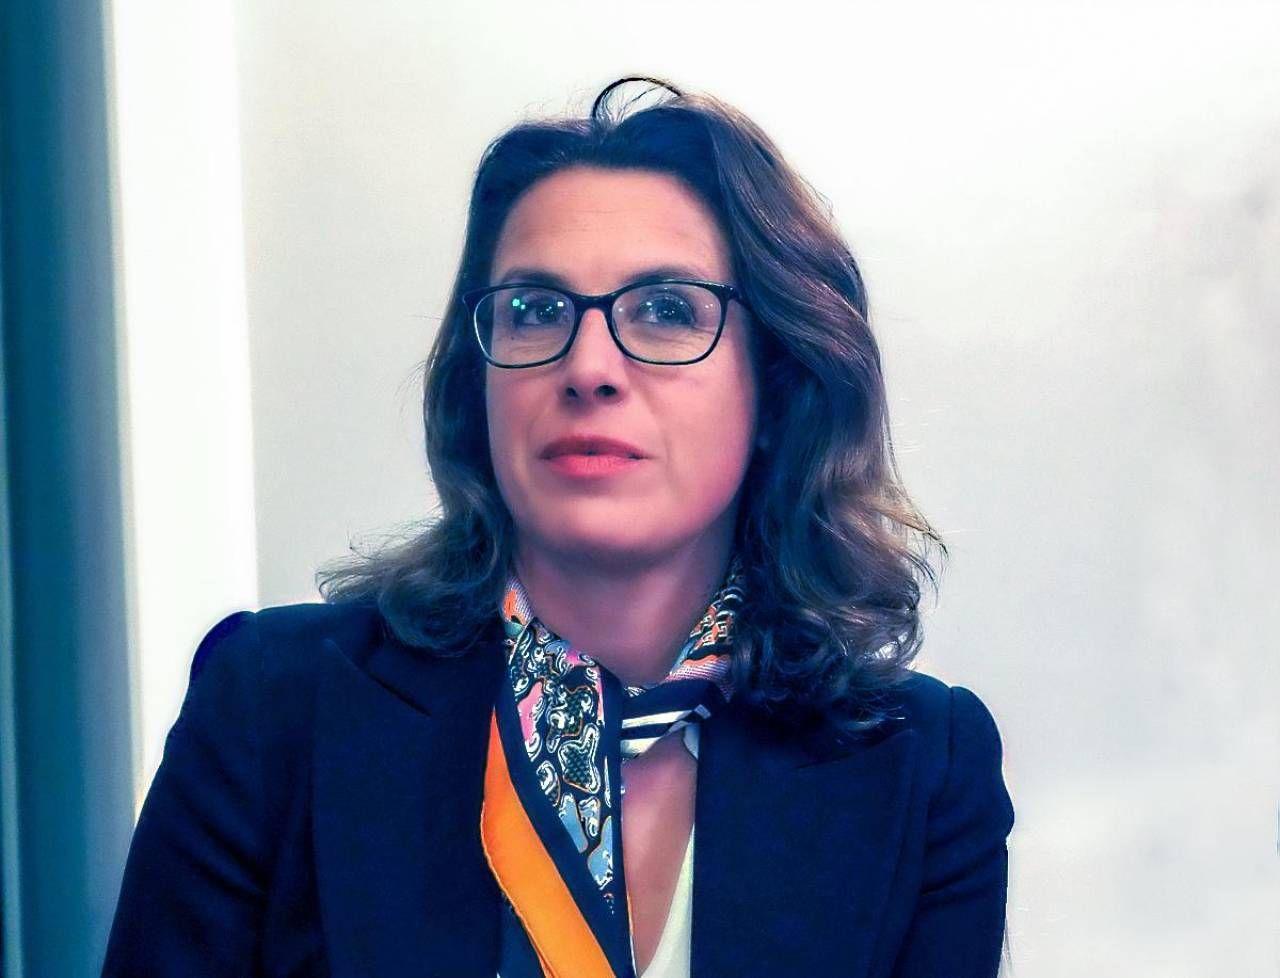 L'assessore alle politiche sociali della Regione Liguria, Ilaria Cavo